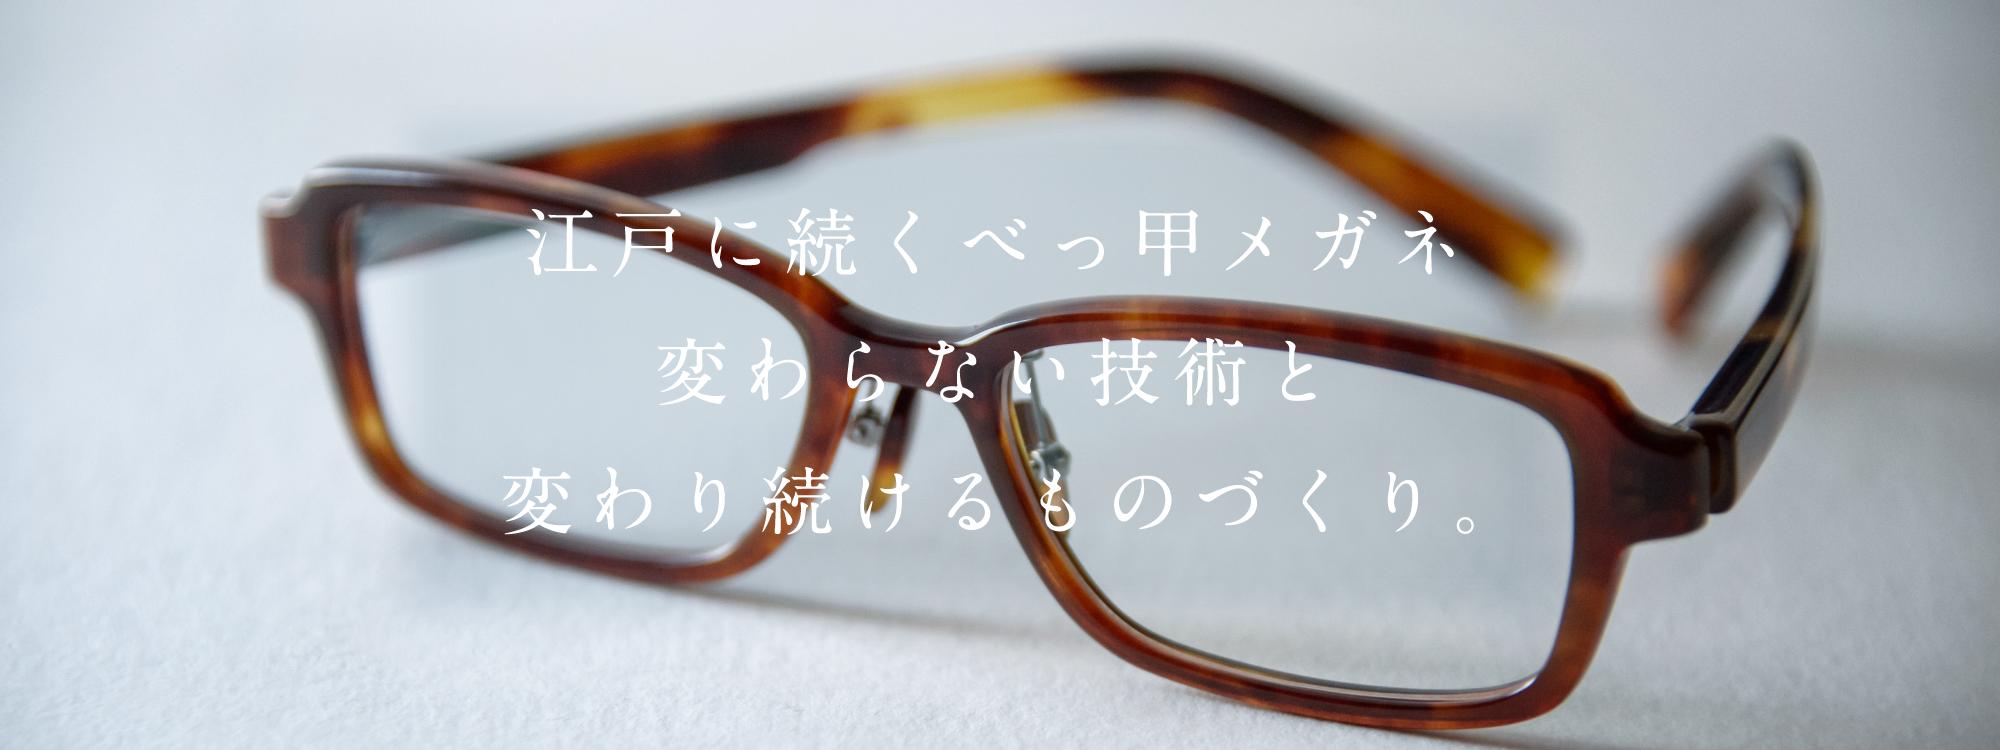 江戸に続く鼈甲メガネ 変わらない技術と 変わり続けるものづくり。